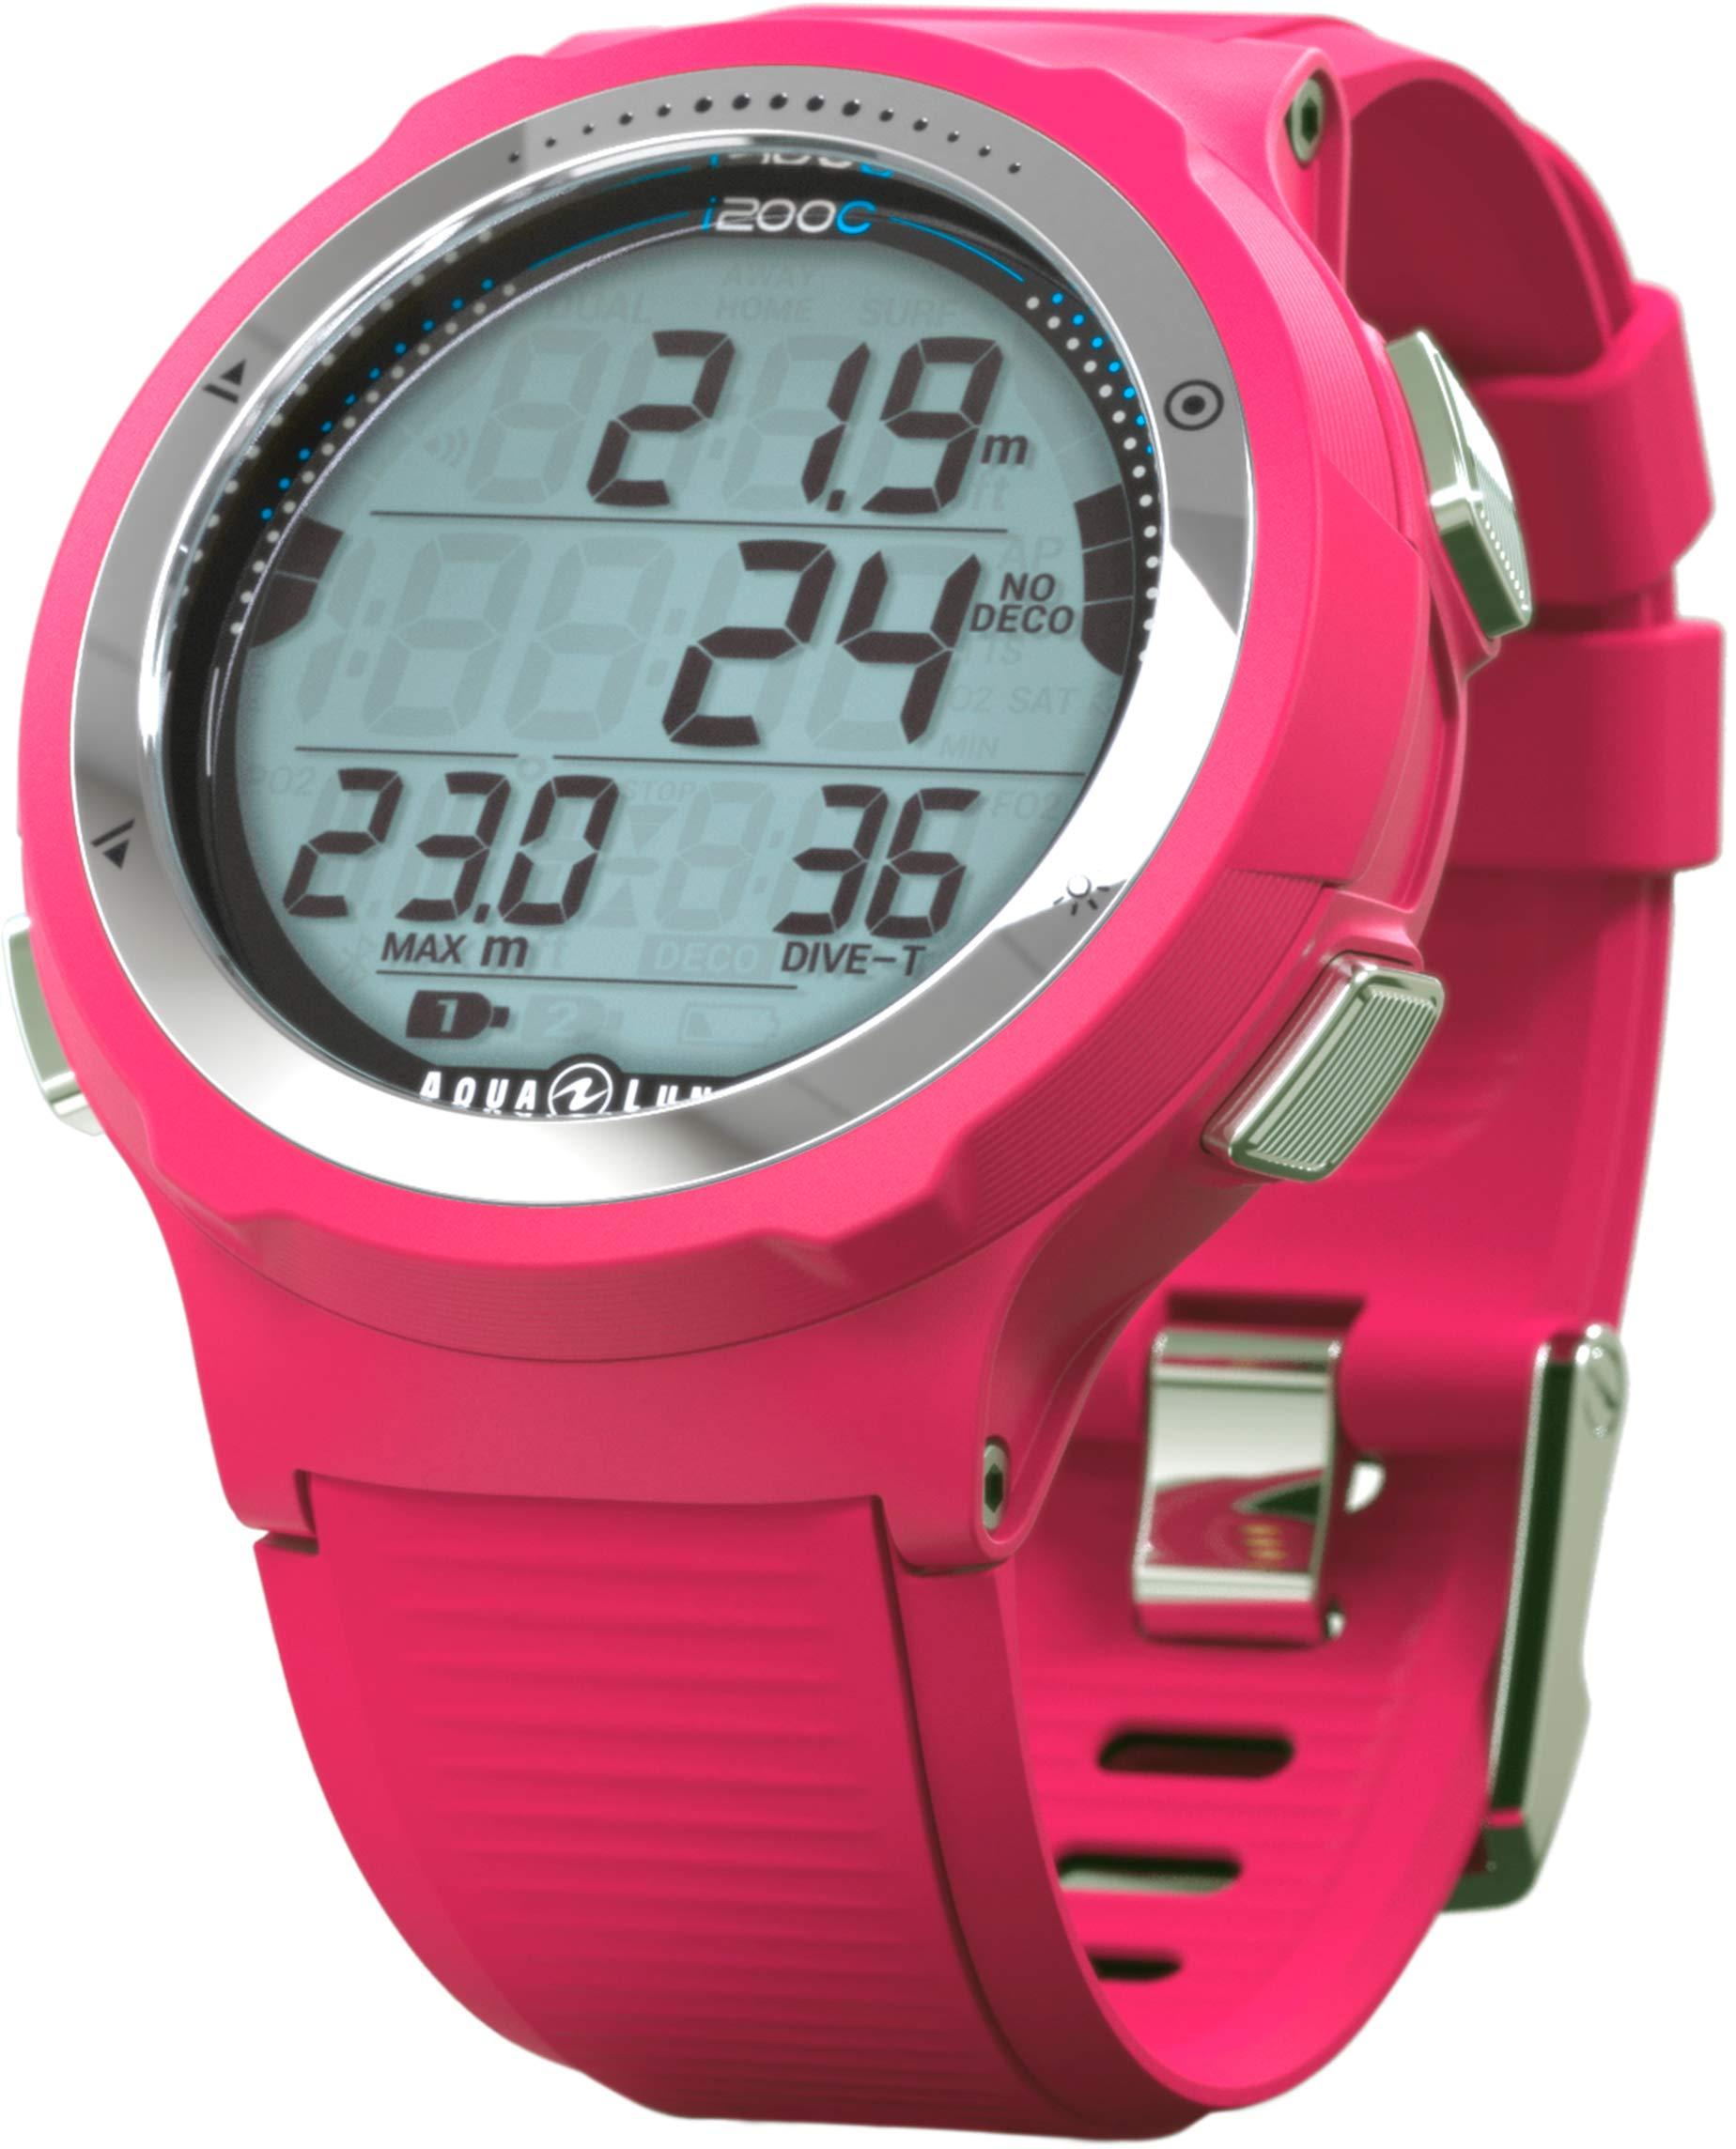 Aqua Lung i200 Wrist Computer Pink